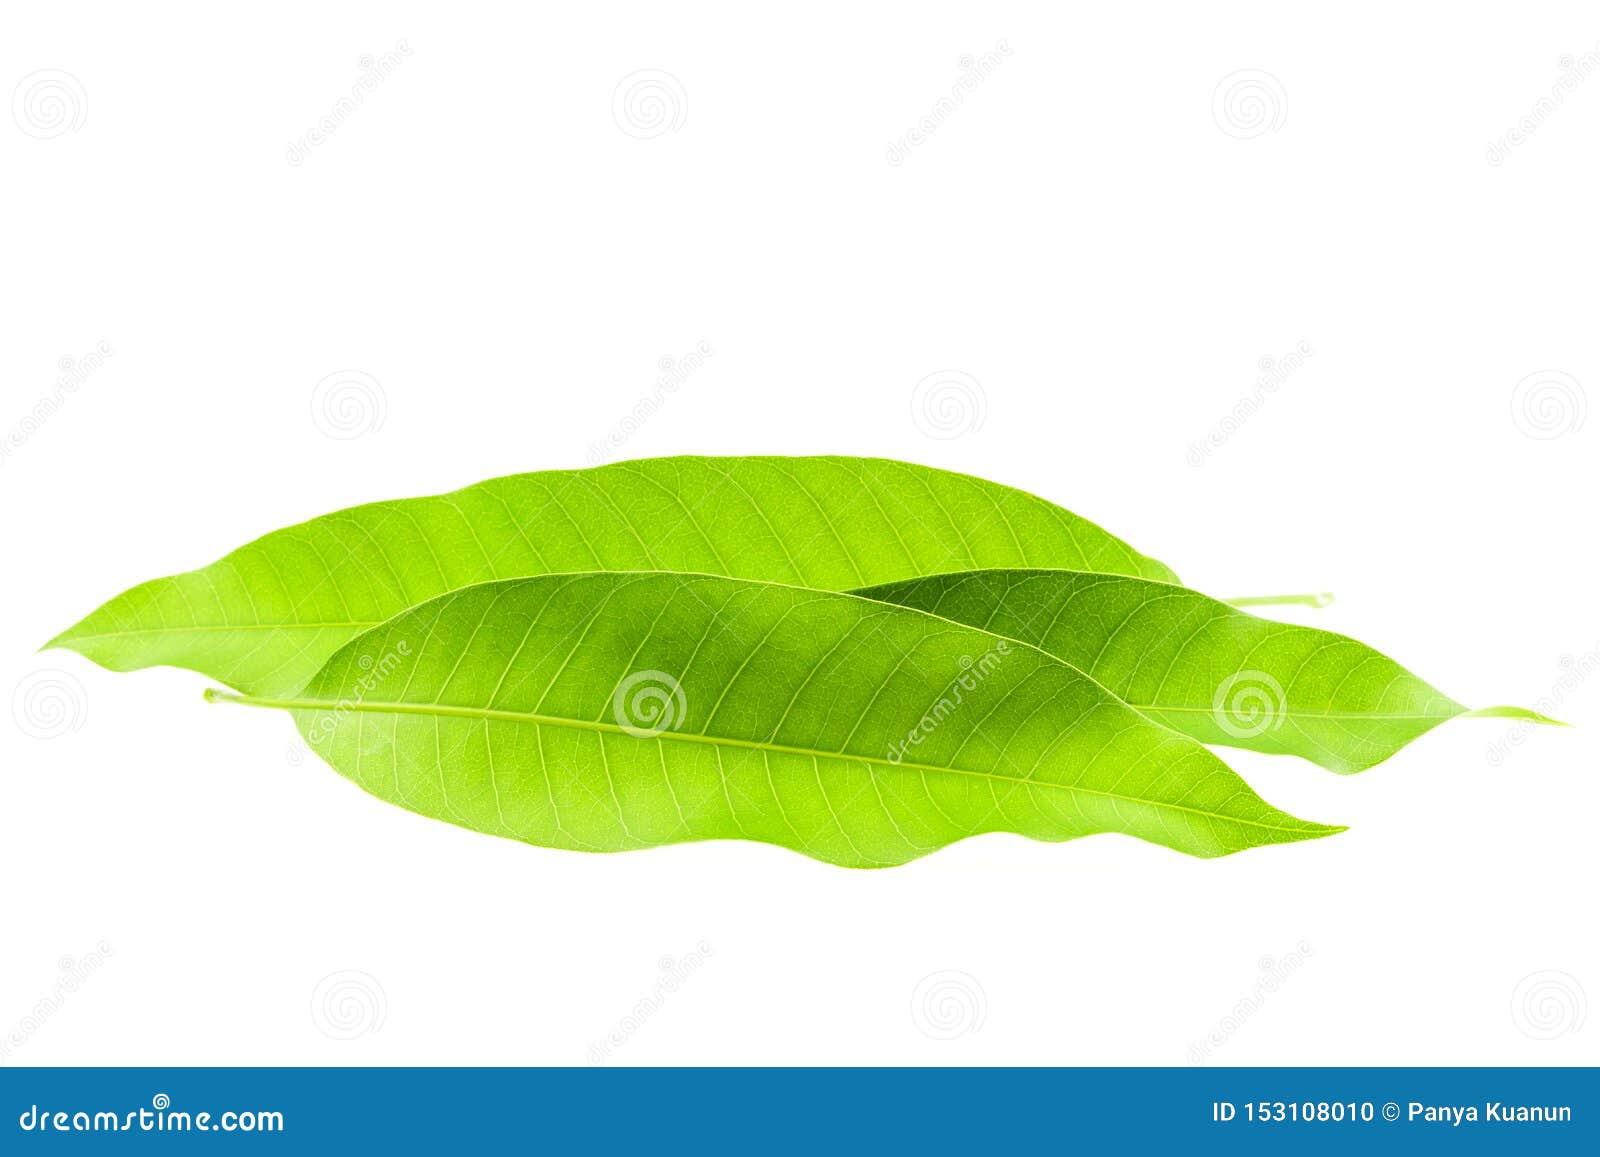 Fresh Green Mango leaves isolated on white background